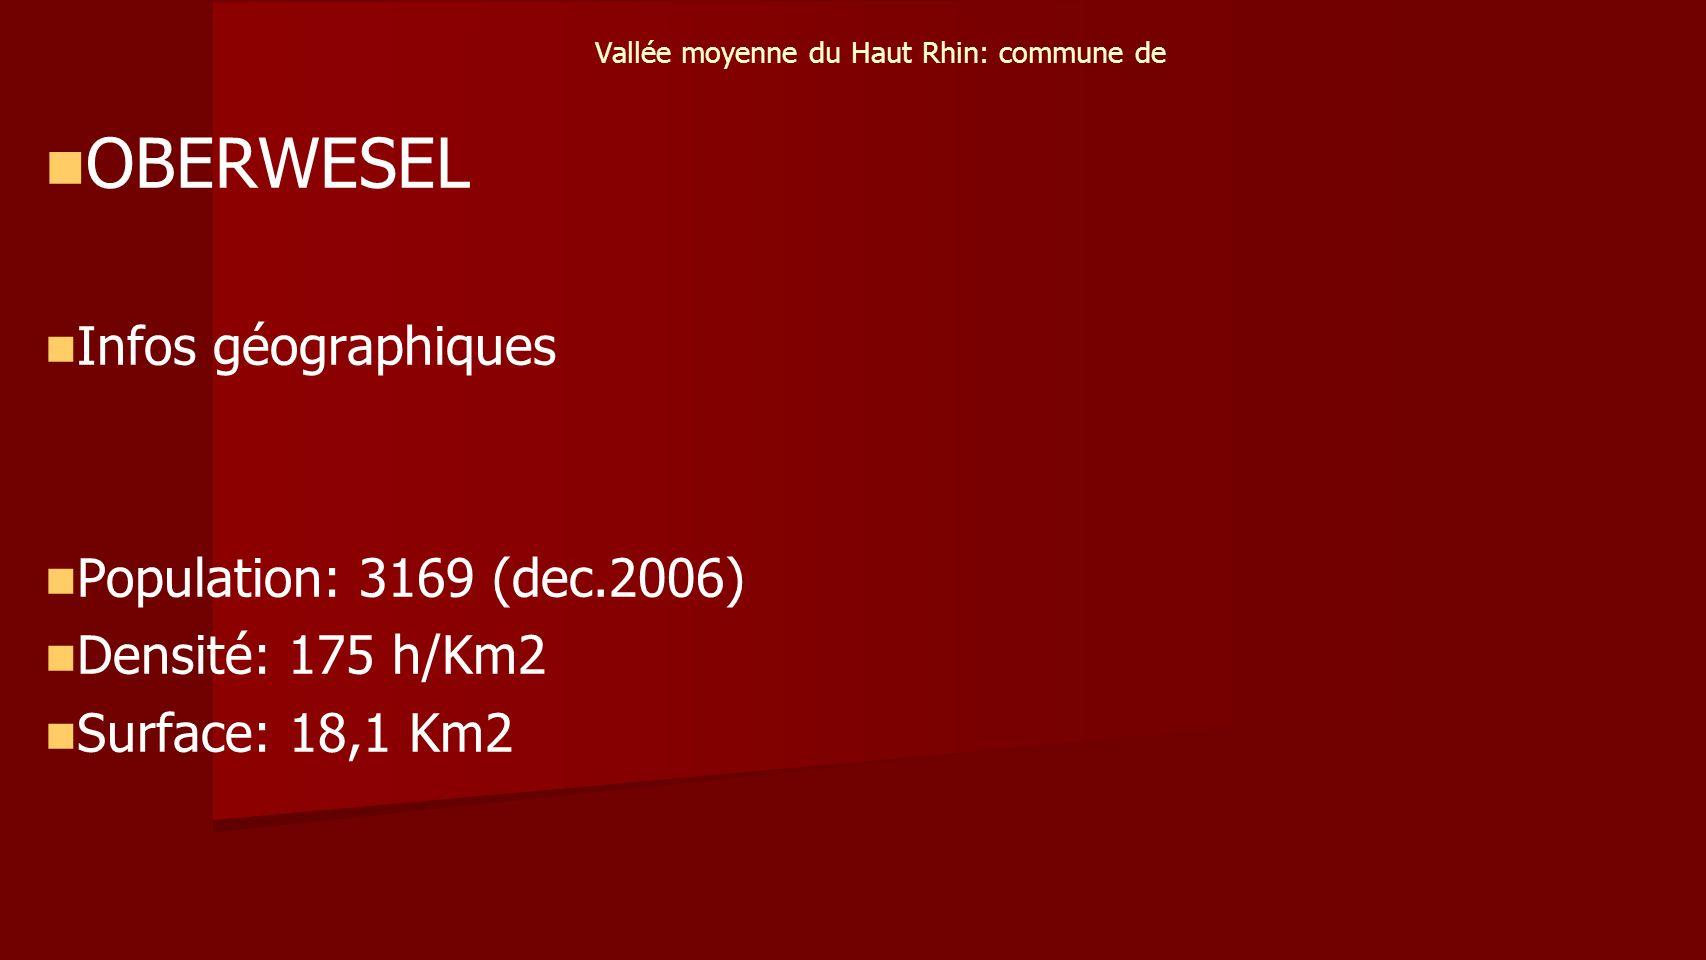 Vallée moyenne du Haut Rhin: commune de OBERWESEL Infos géographiques Population: 3169 (dec.2006) Densité: 175 h/Km2 Surface: 18,1 Km2